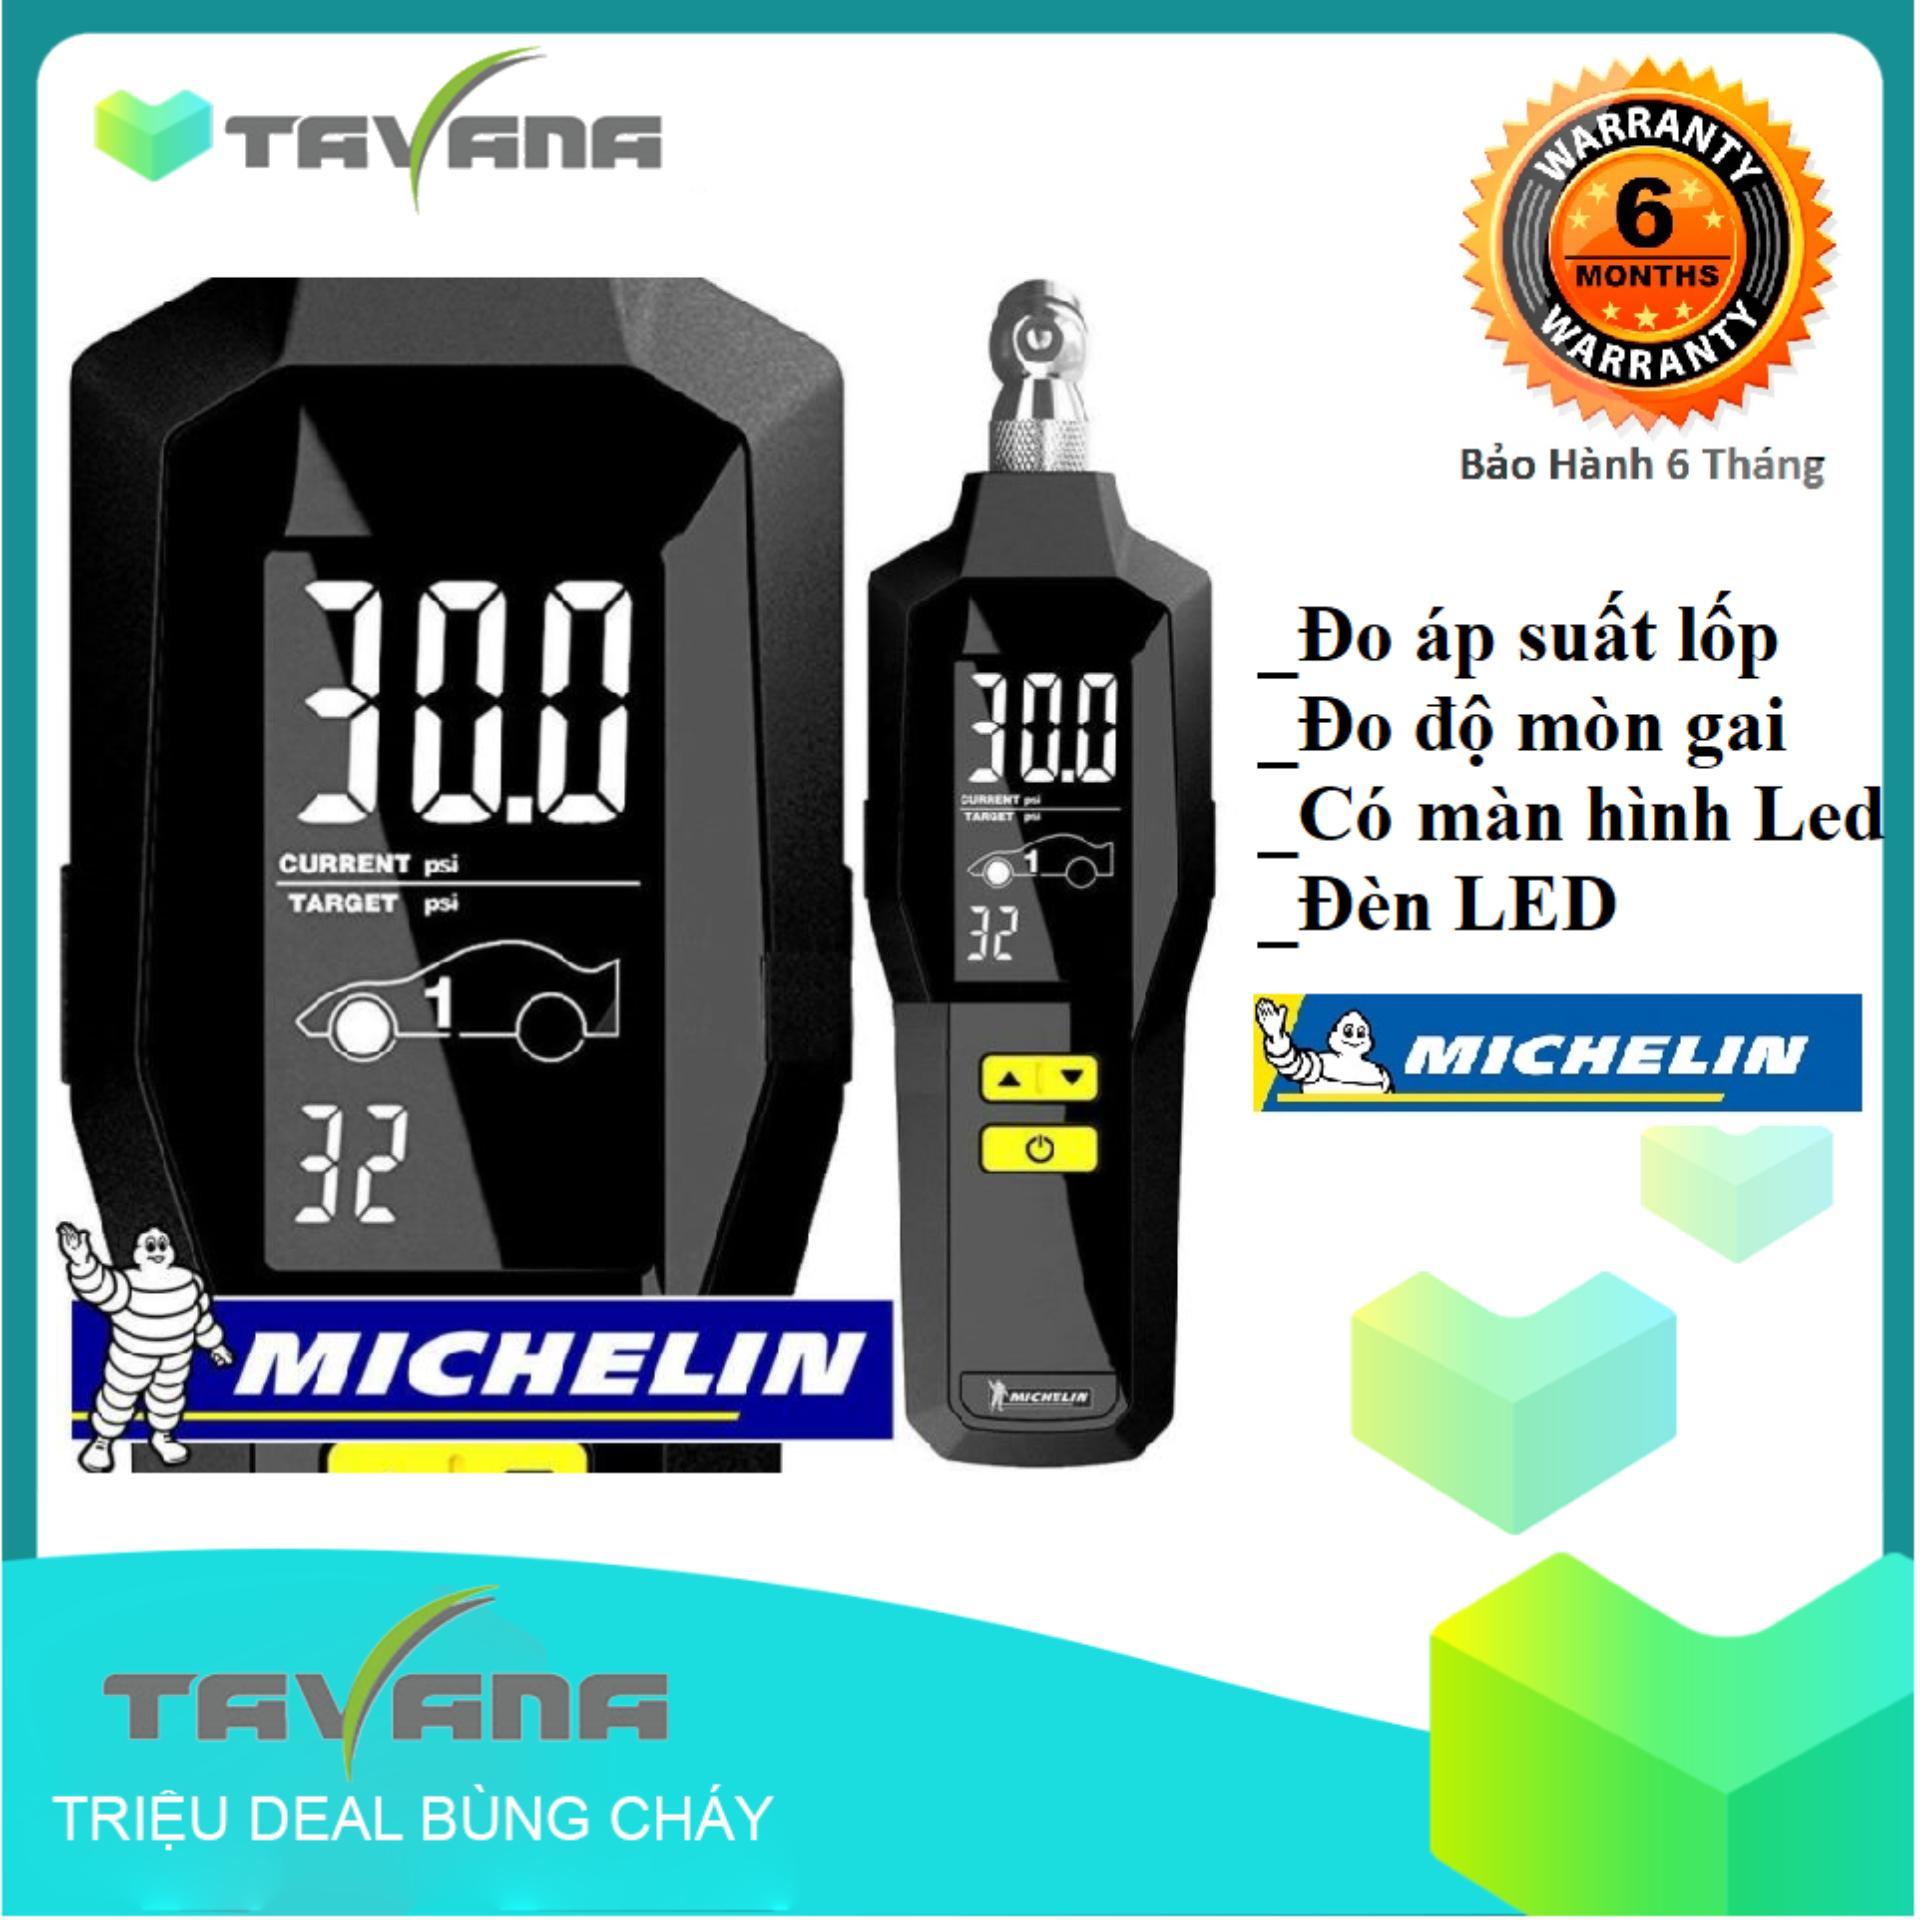 Máy đo áp xuất lốp kỹ thuật số Michelin 12295